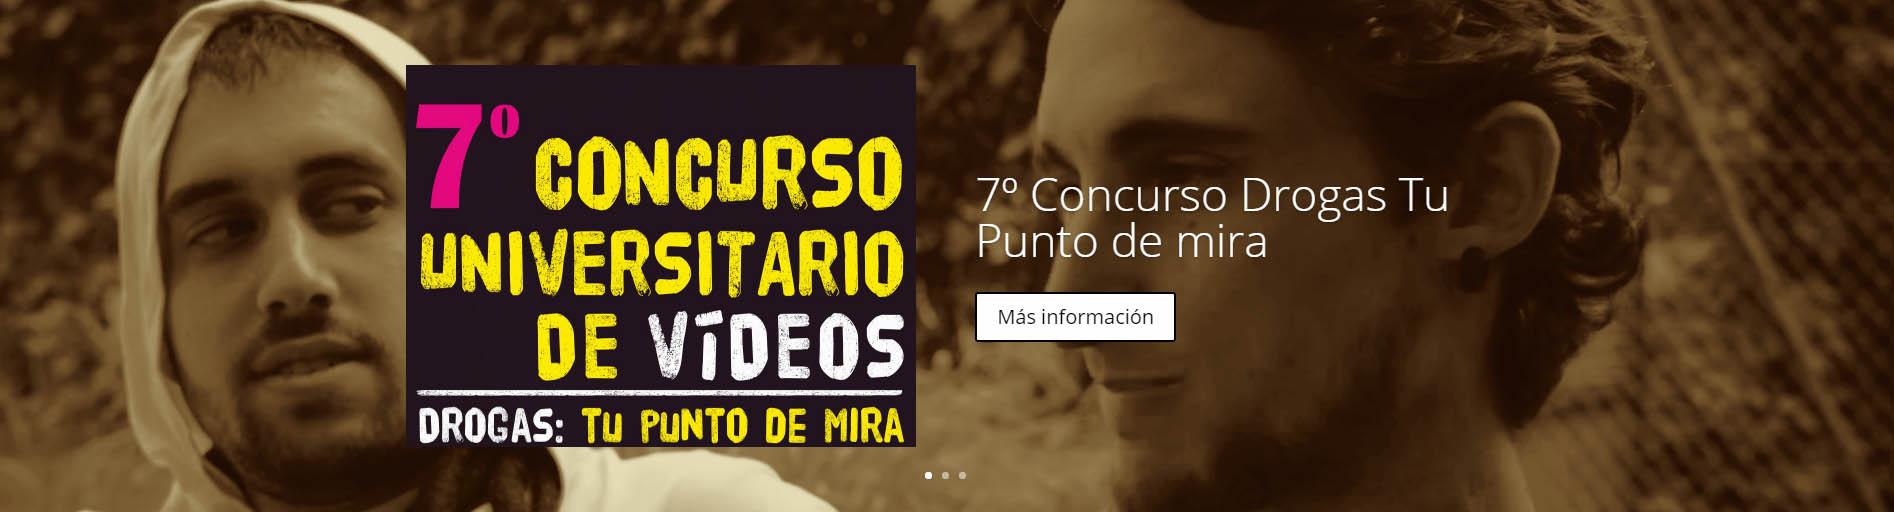 Abierta la convocatoria para el 7º concurso universitario de clipmetrajes 'Drogas: Tu punto de mira'